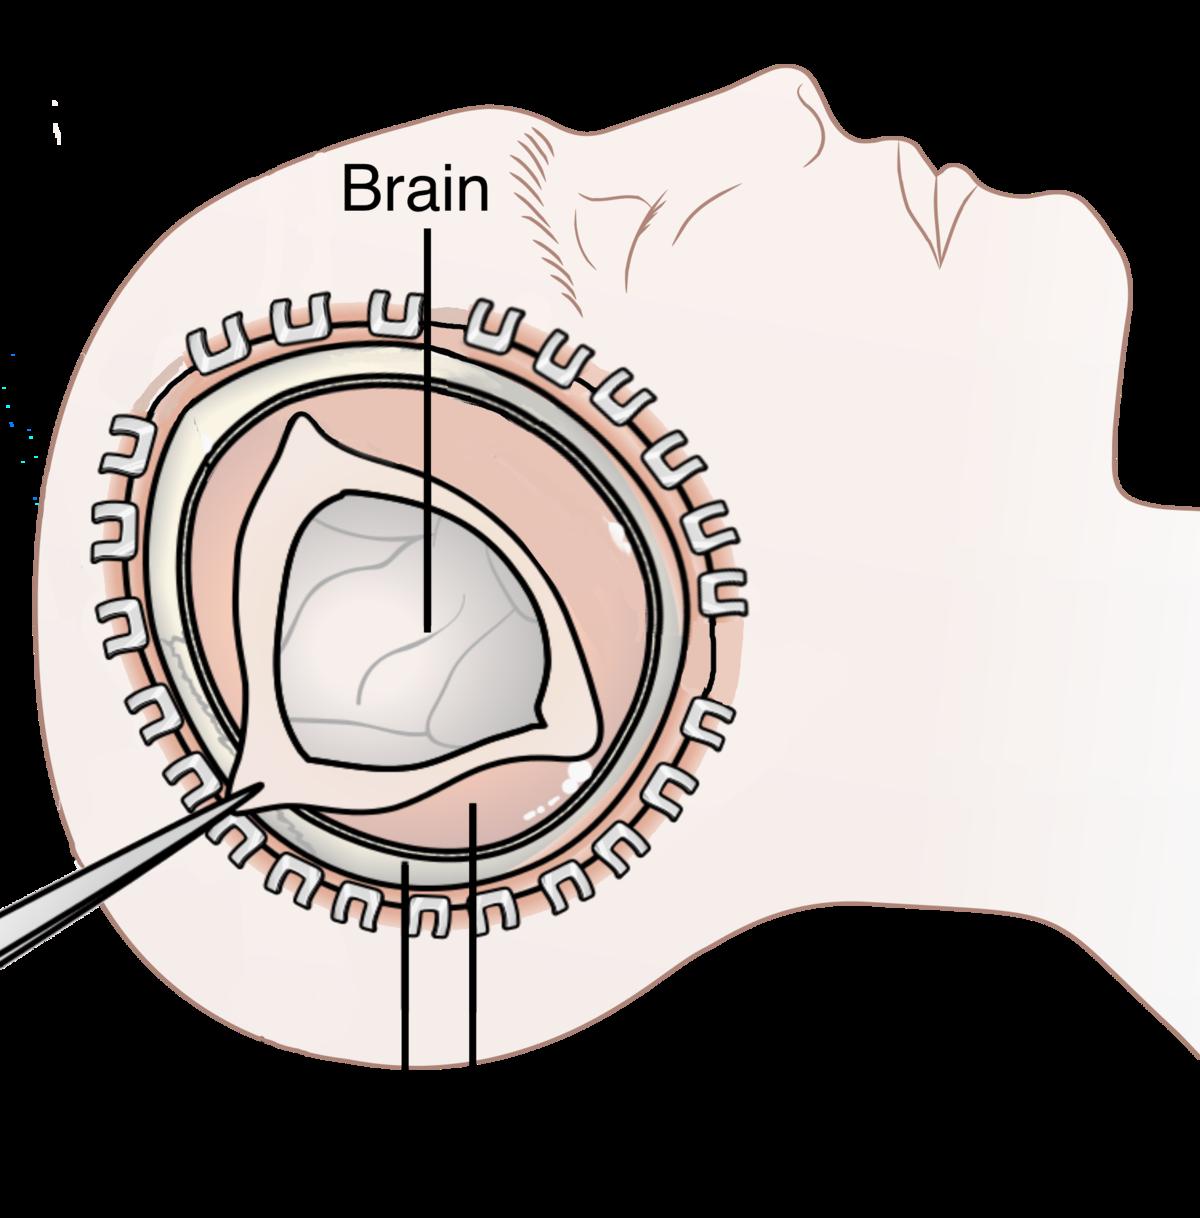 Decompressive craniectomy - Wikipedia